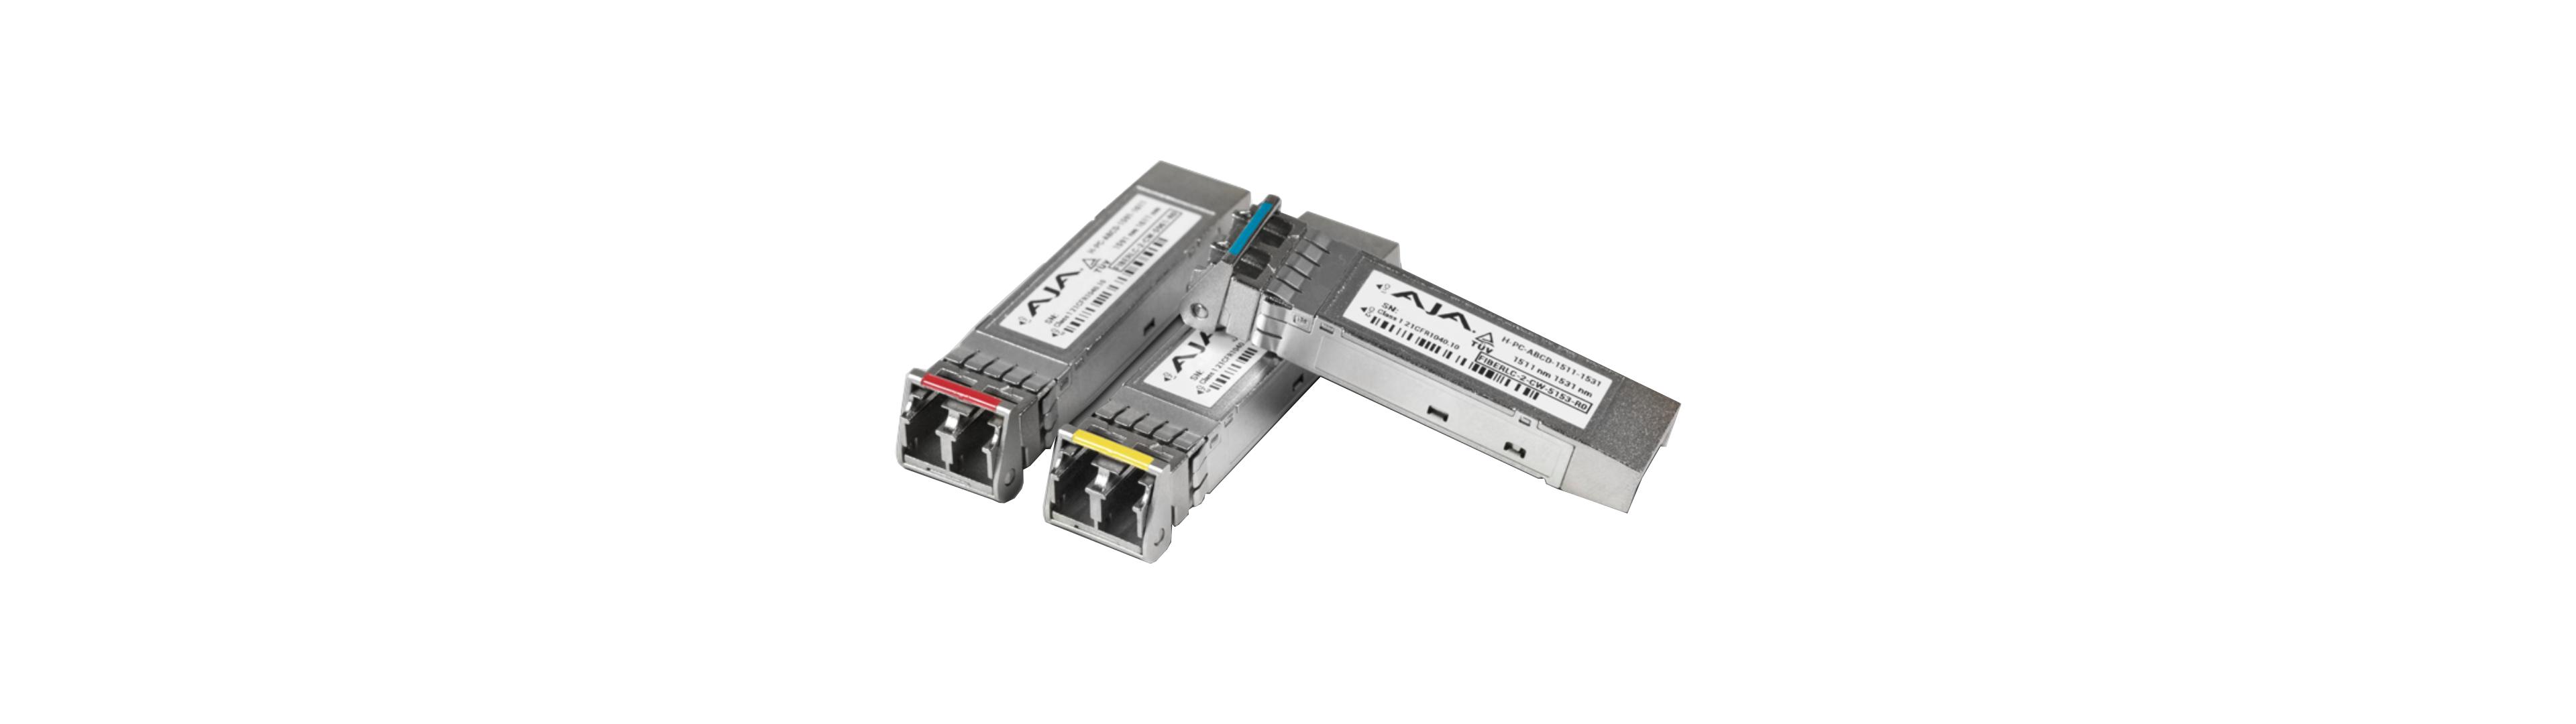 Dual TX 1311/1331 SDI Fiber